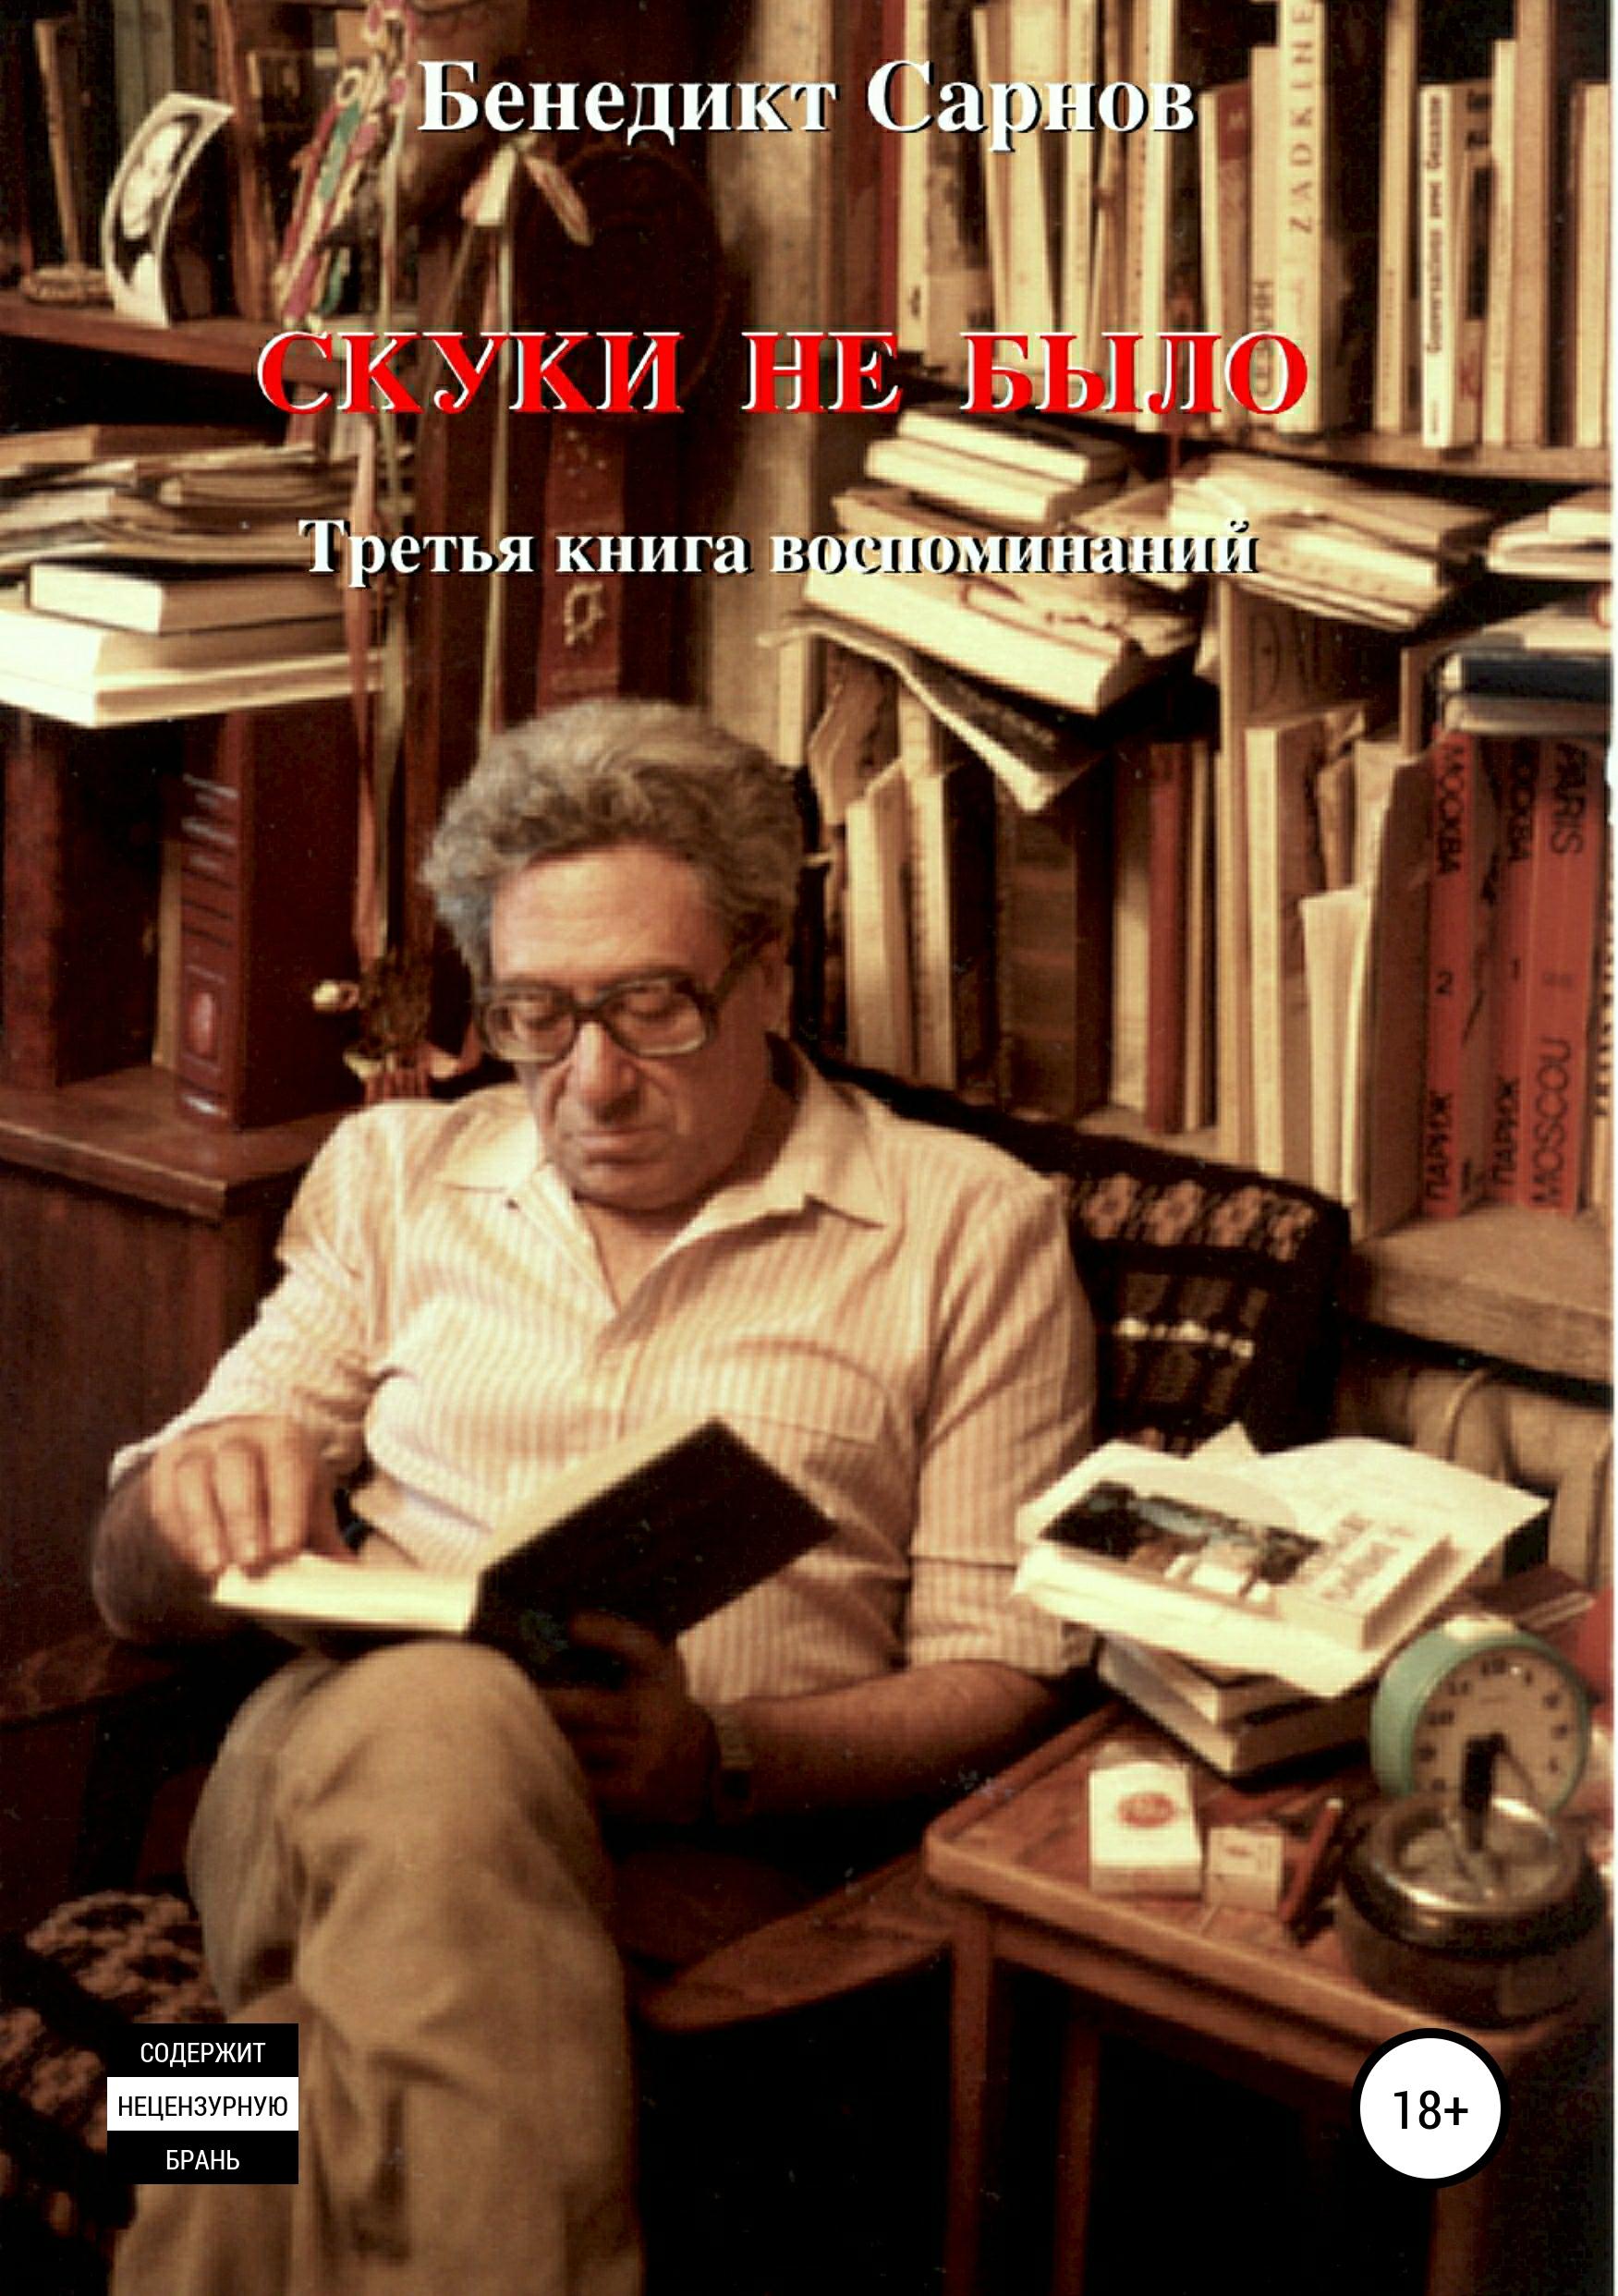 Бенедикт Михайлович Сарнов Скуки не было бенедикт сарнов сталин и писатели книга третья